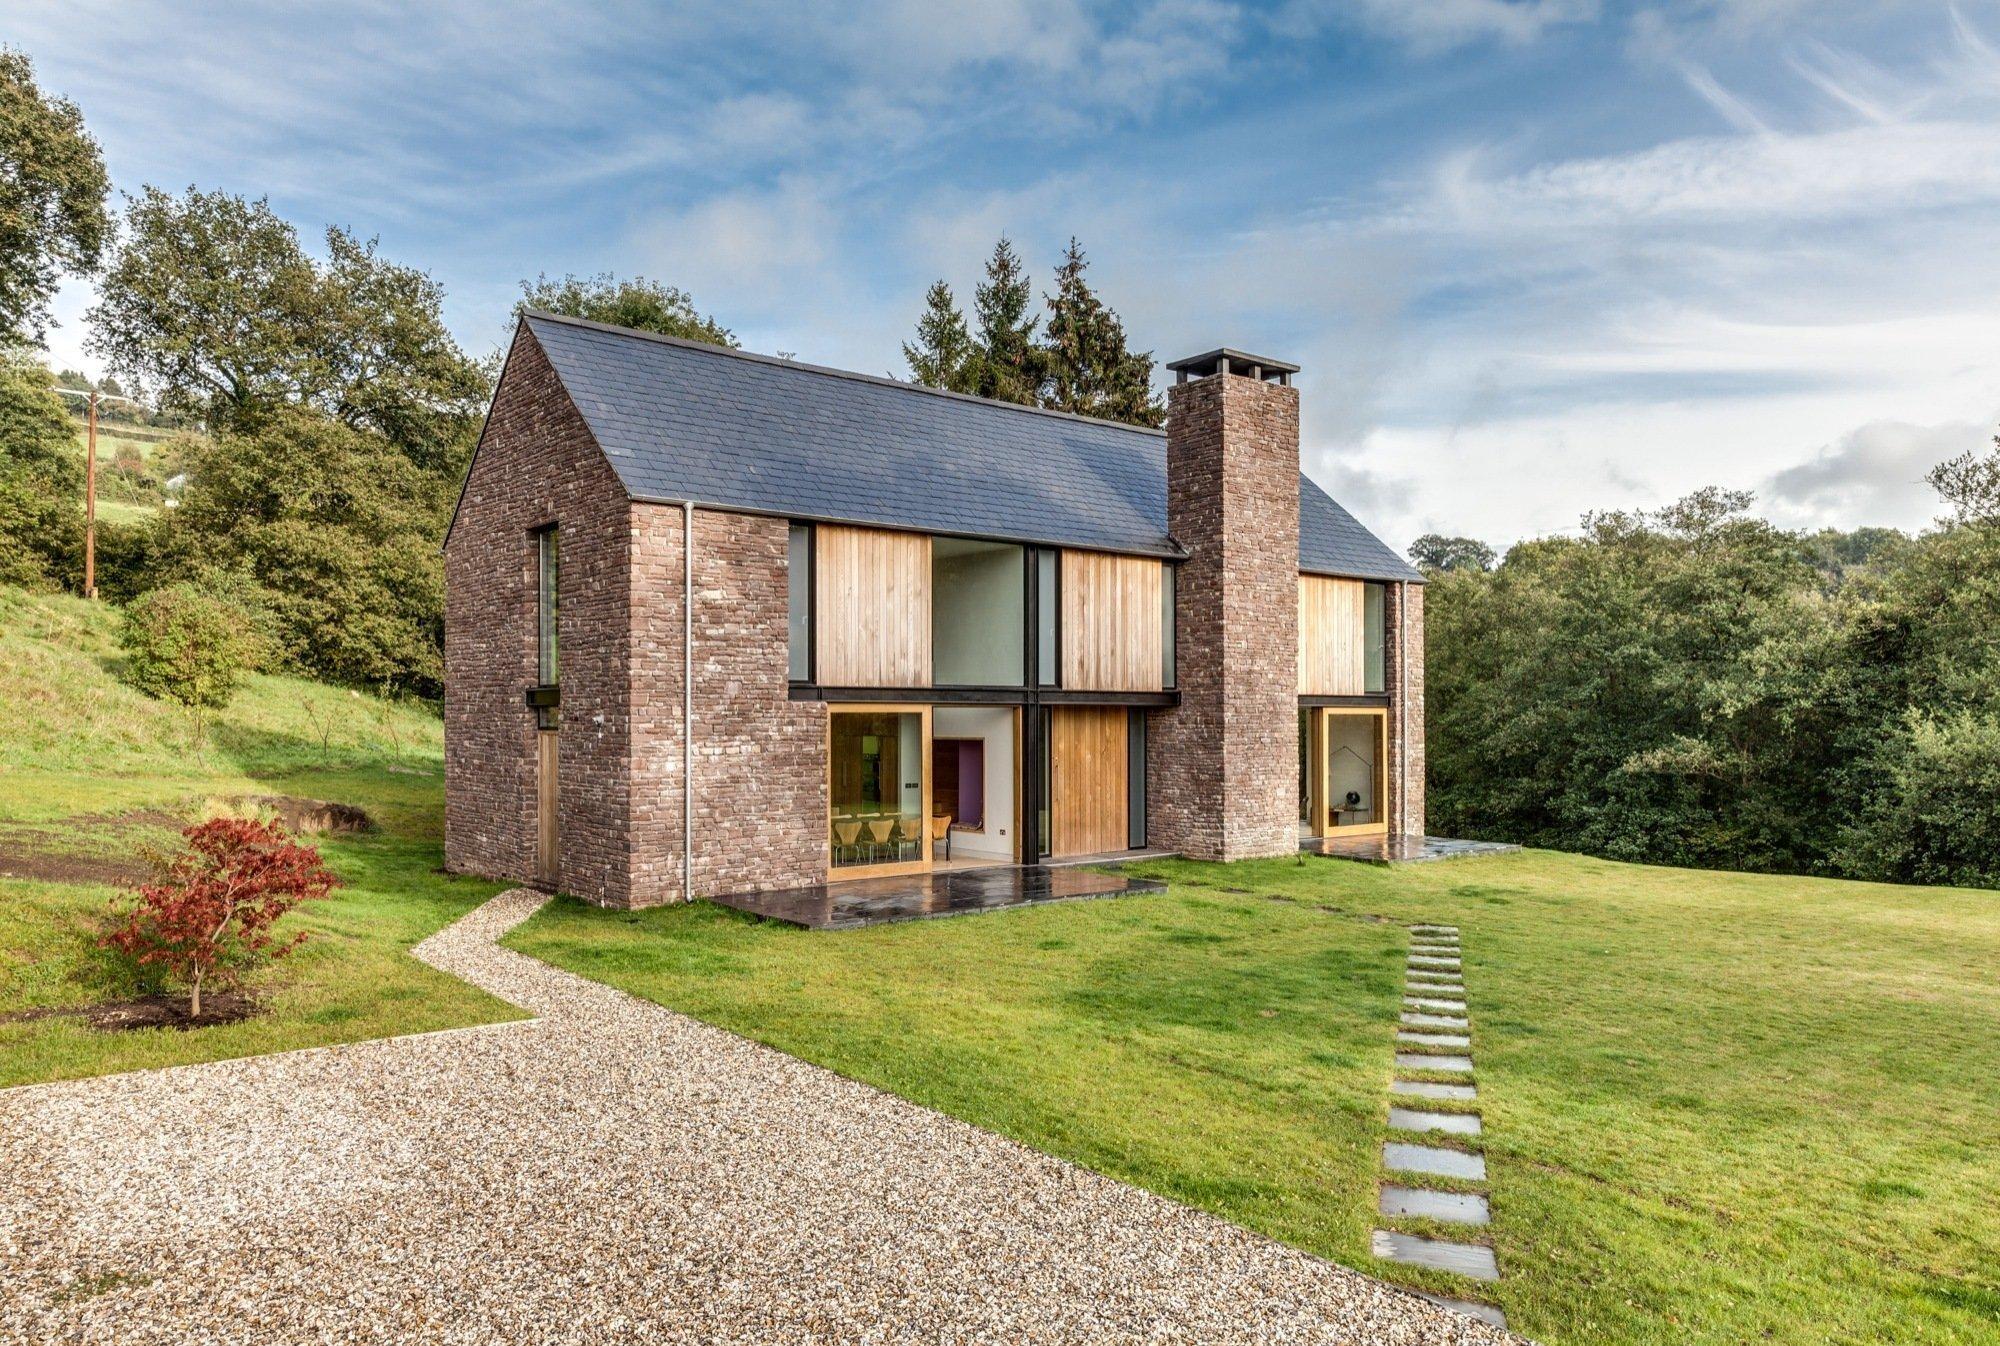 Do pískovce oděný vesnický rodinný dům ležící v odlehlém údolí v Monmouthshire ve Walesu navržený architekty Martinem Hallem a Kelly Bednarczykem vzdává svým vzhledem poctu velšské lidové stodole.